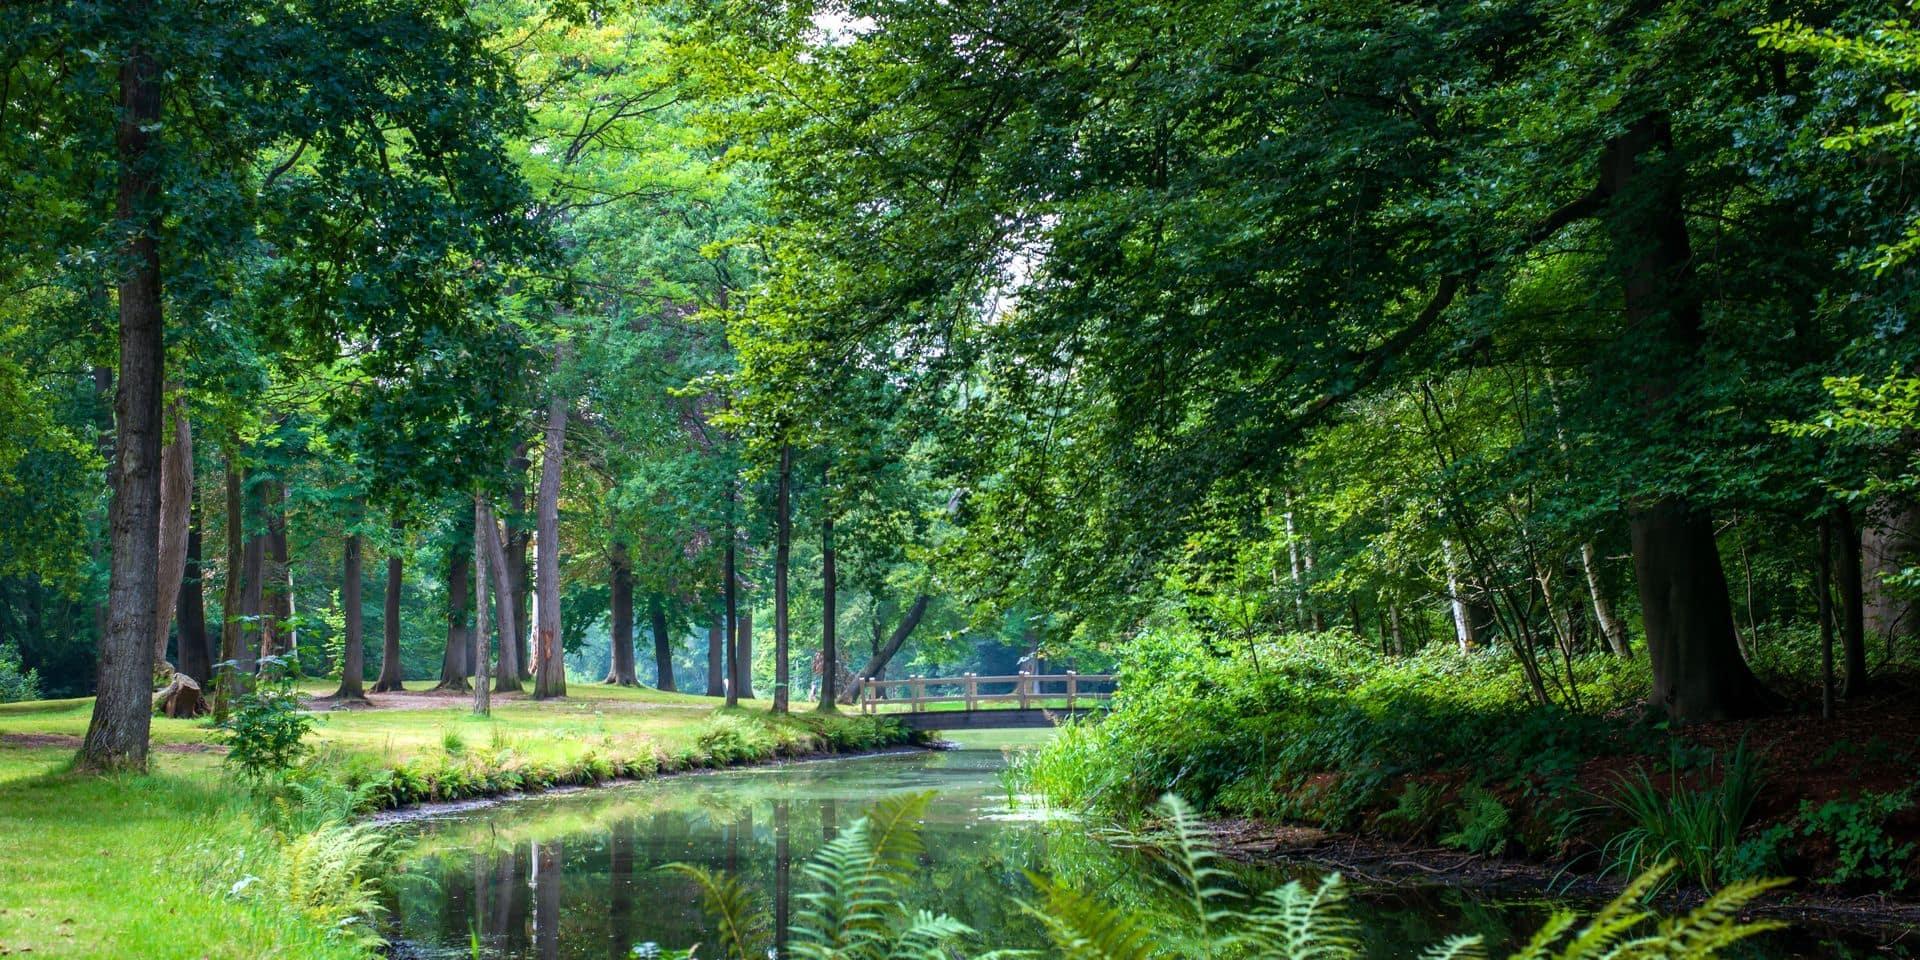 Se balader dans la nature, c'est agréable mais prendre un bain de forêt, cela nous soigne !